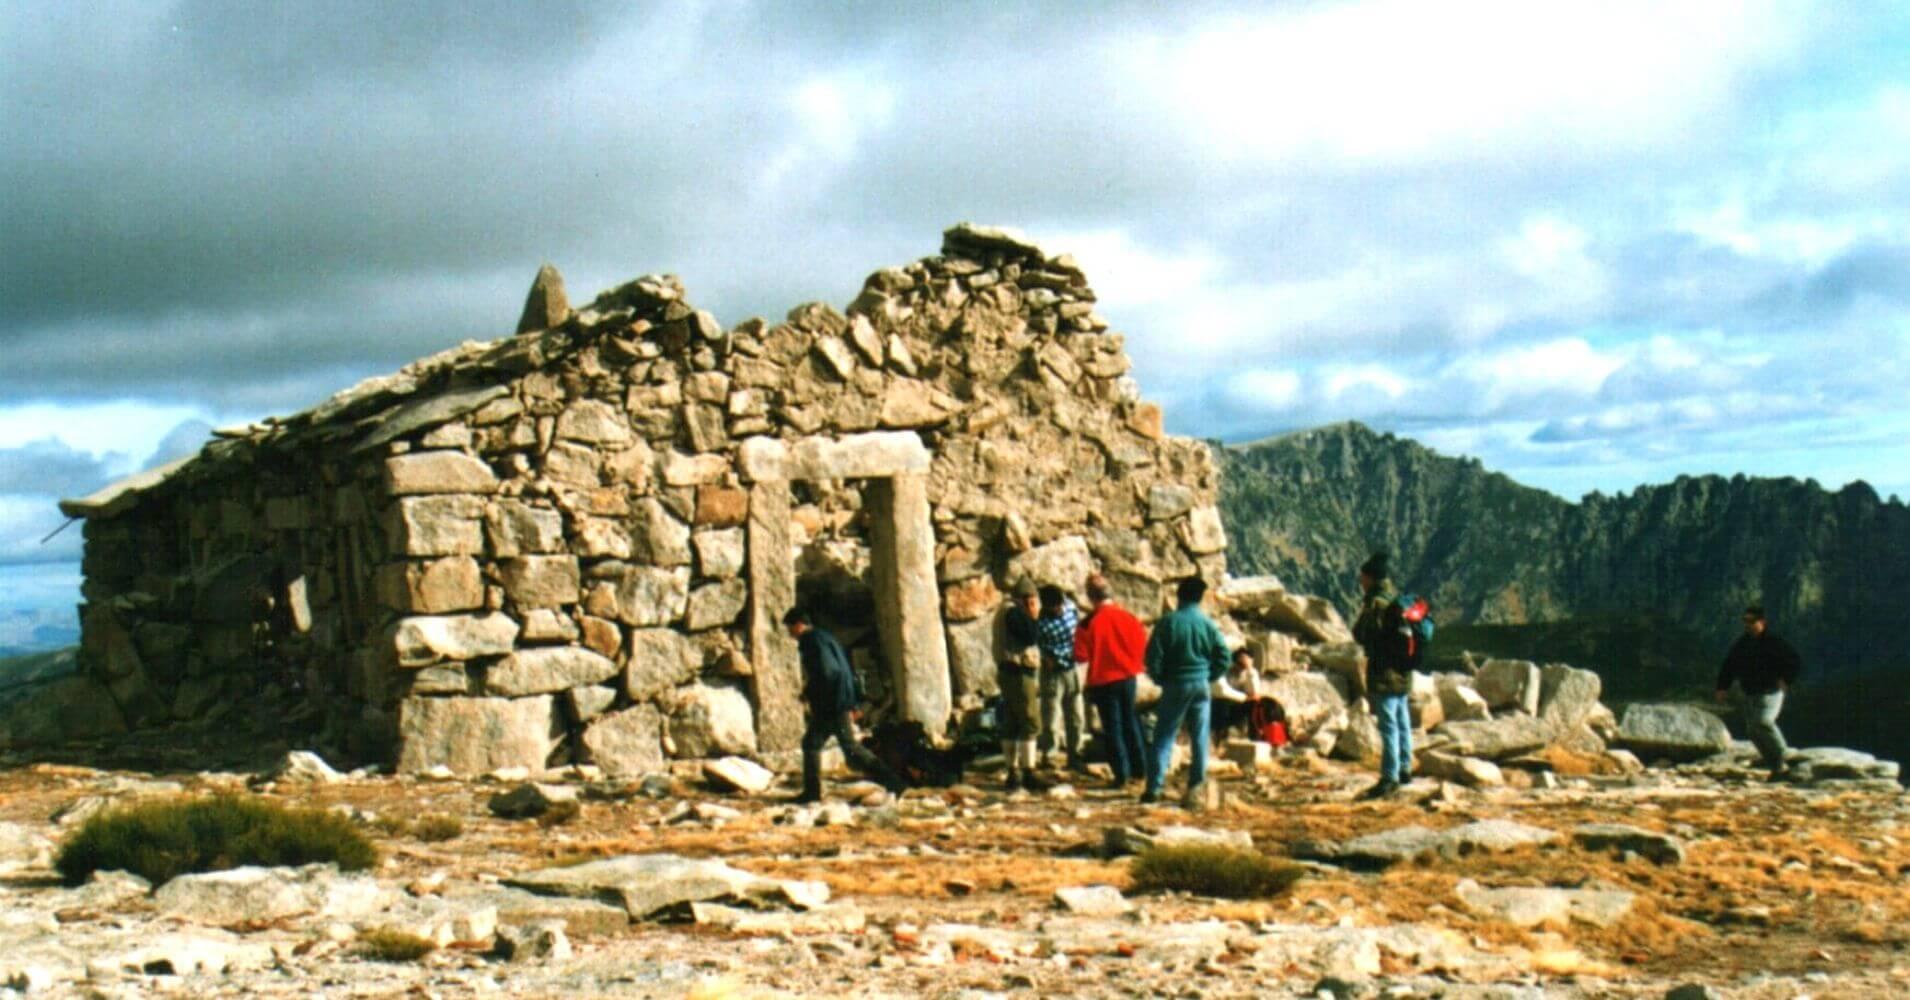 Subida al Pico Morezón. Refugio del Rey. Sierra de Gredos. Ávila. Castilla y León.